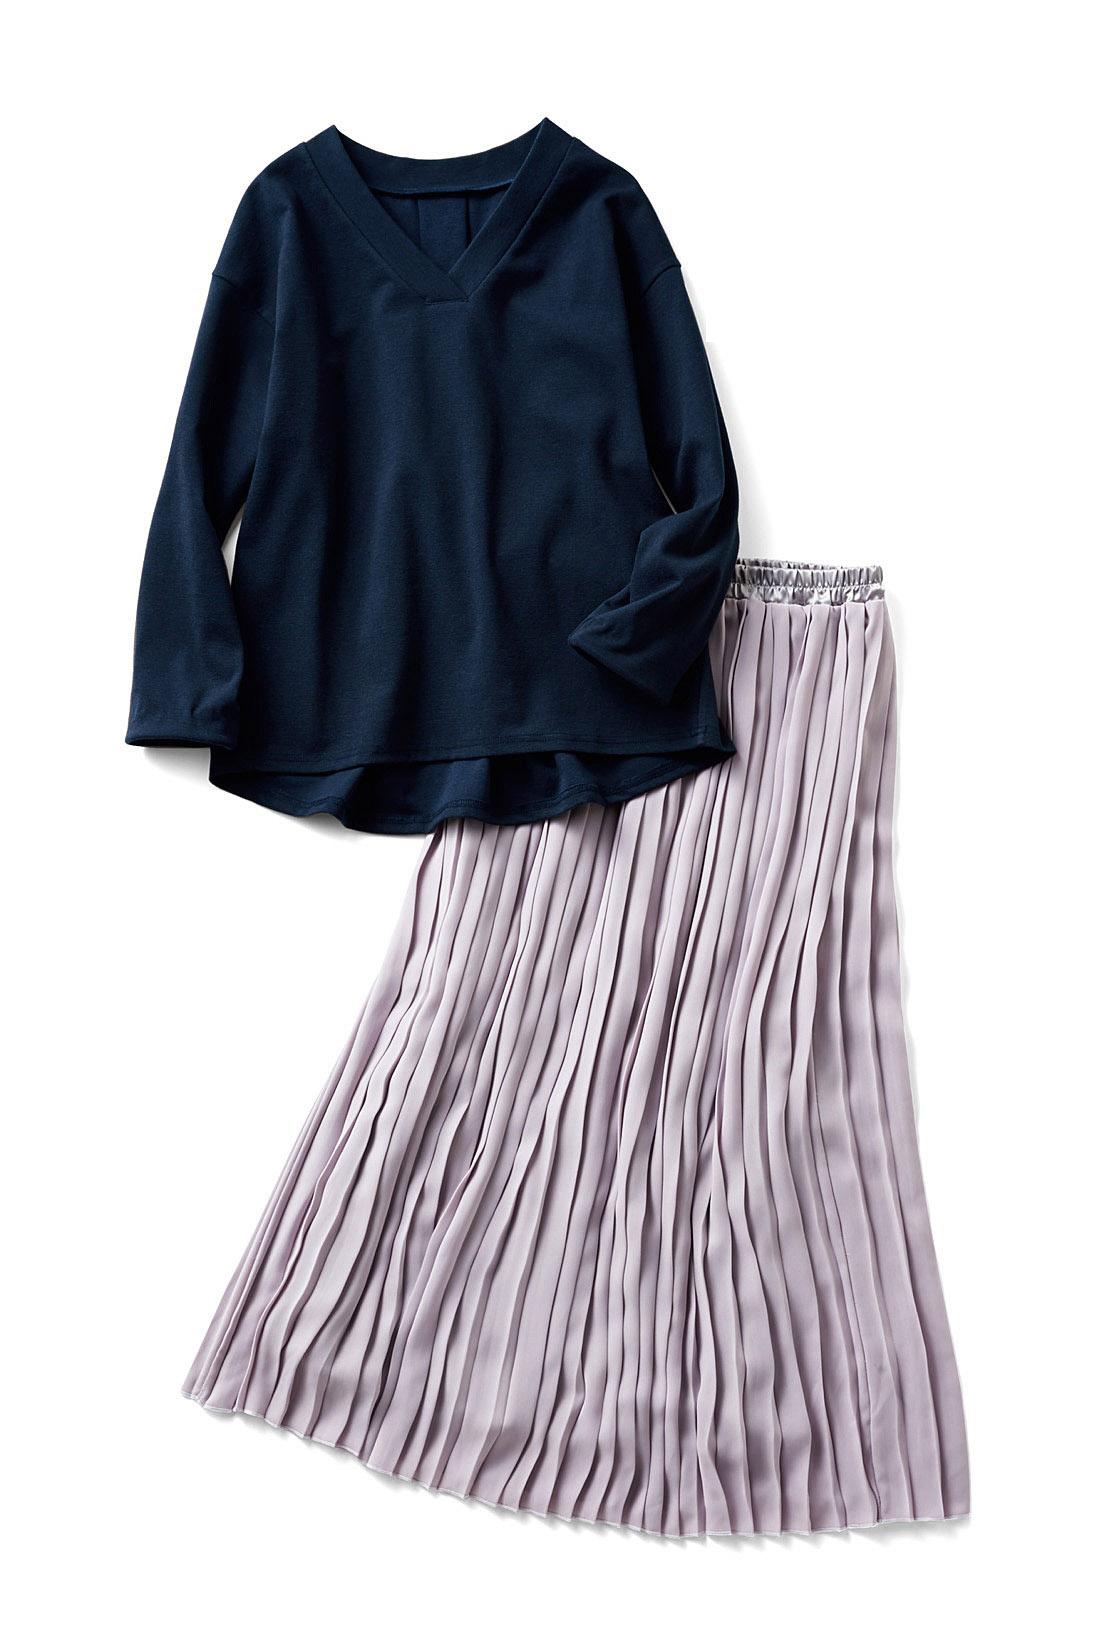 〈ネイビー×グレー〉クールな印象の、ブルー系コーデ。ブルーをひとさじ感じさせる大人が着やすい春色が主役。ネイビーのトップスで引き締めて。